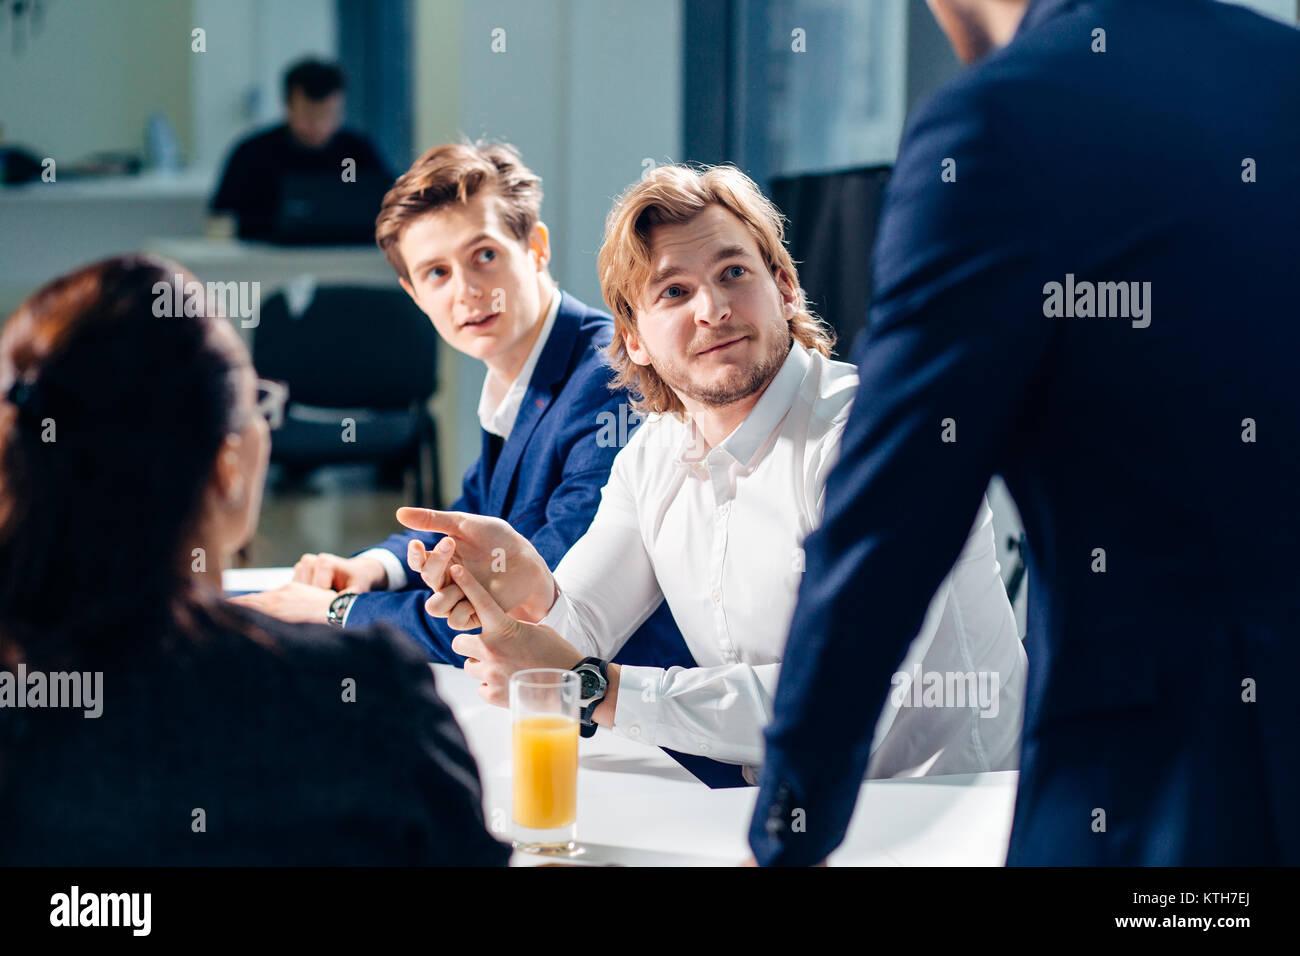 Businessman présentant à ses collègues à la réunion Photo Stock